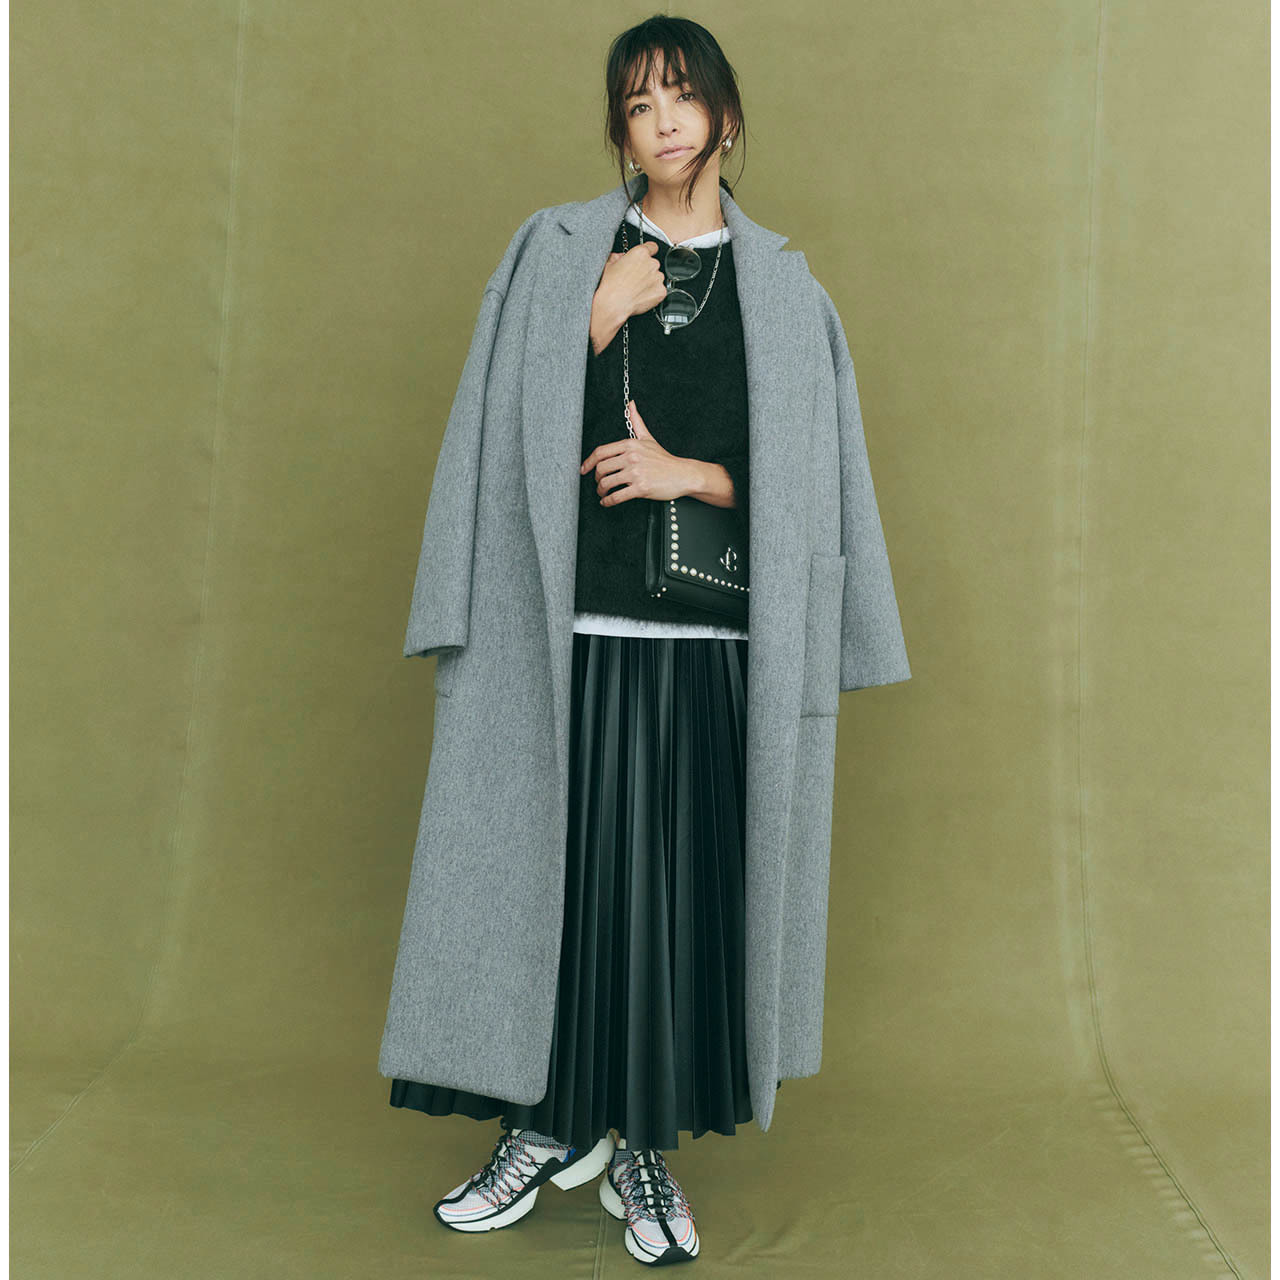 軽やかなのに軽すぎない、グッドバランスな着こなしに モデル/RINA